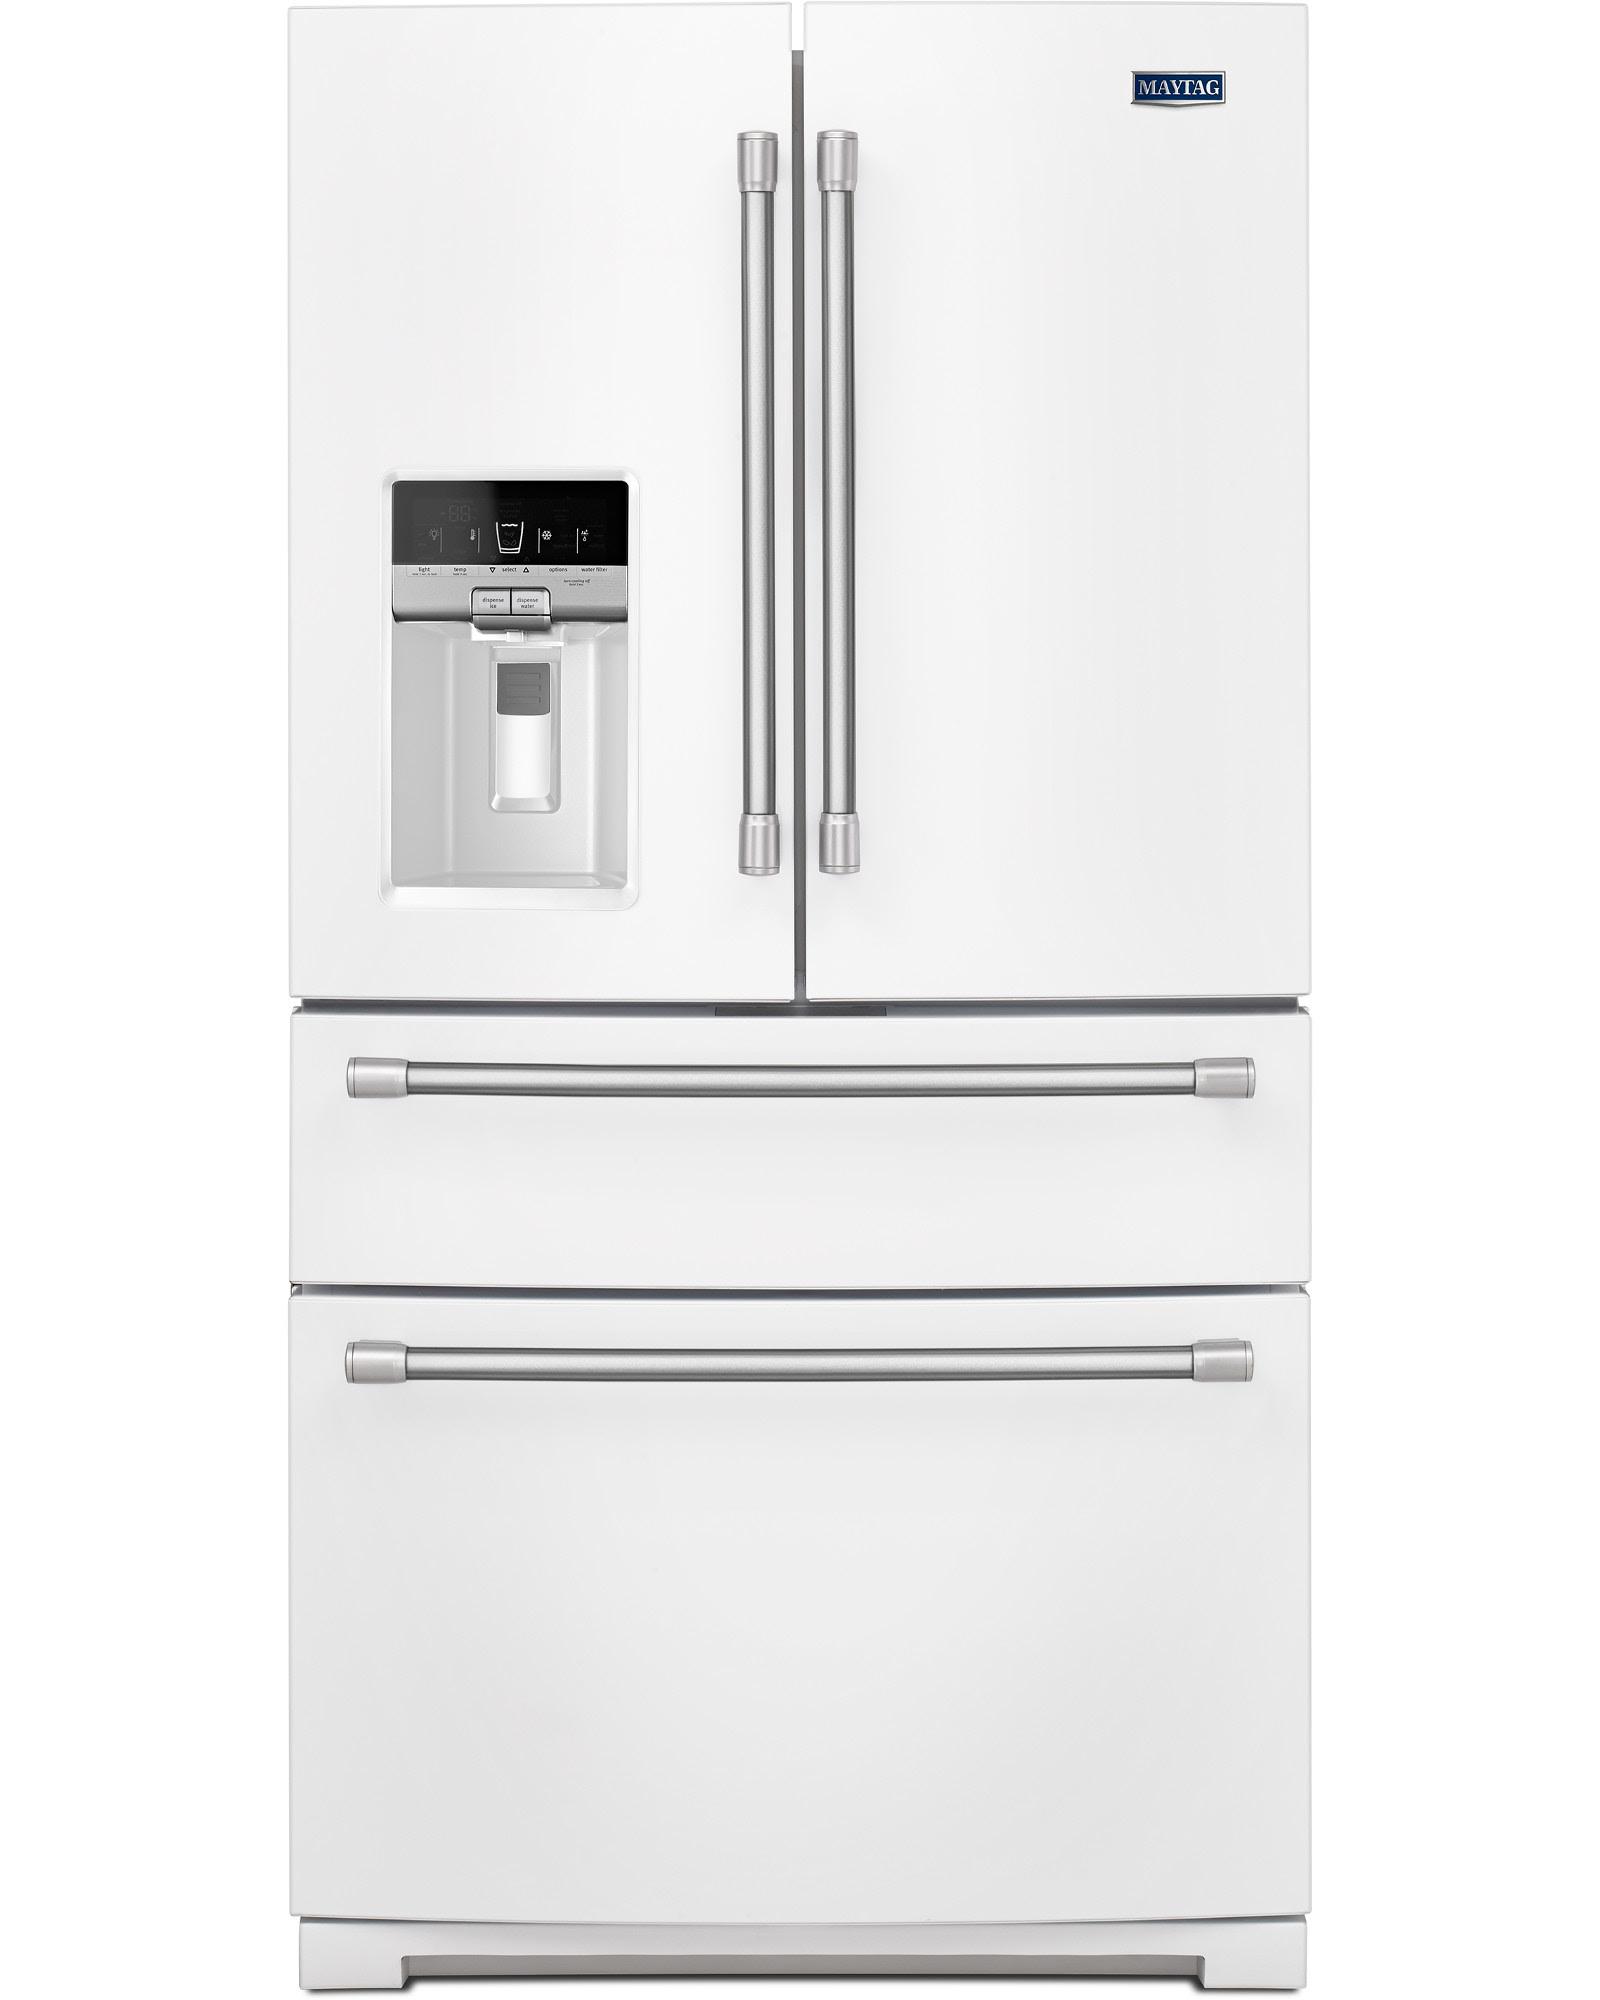 UPC Maytag MFX2876DRH 26 2 cu ft Bottom Freezer